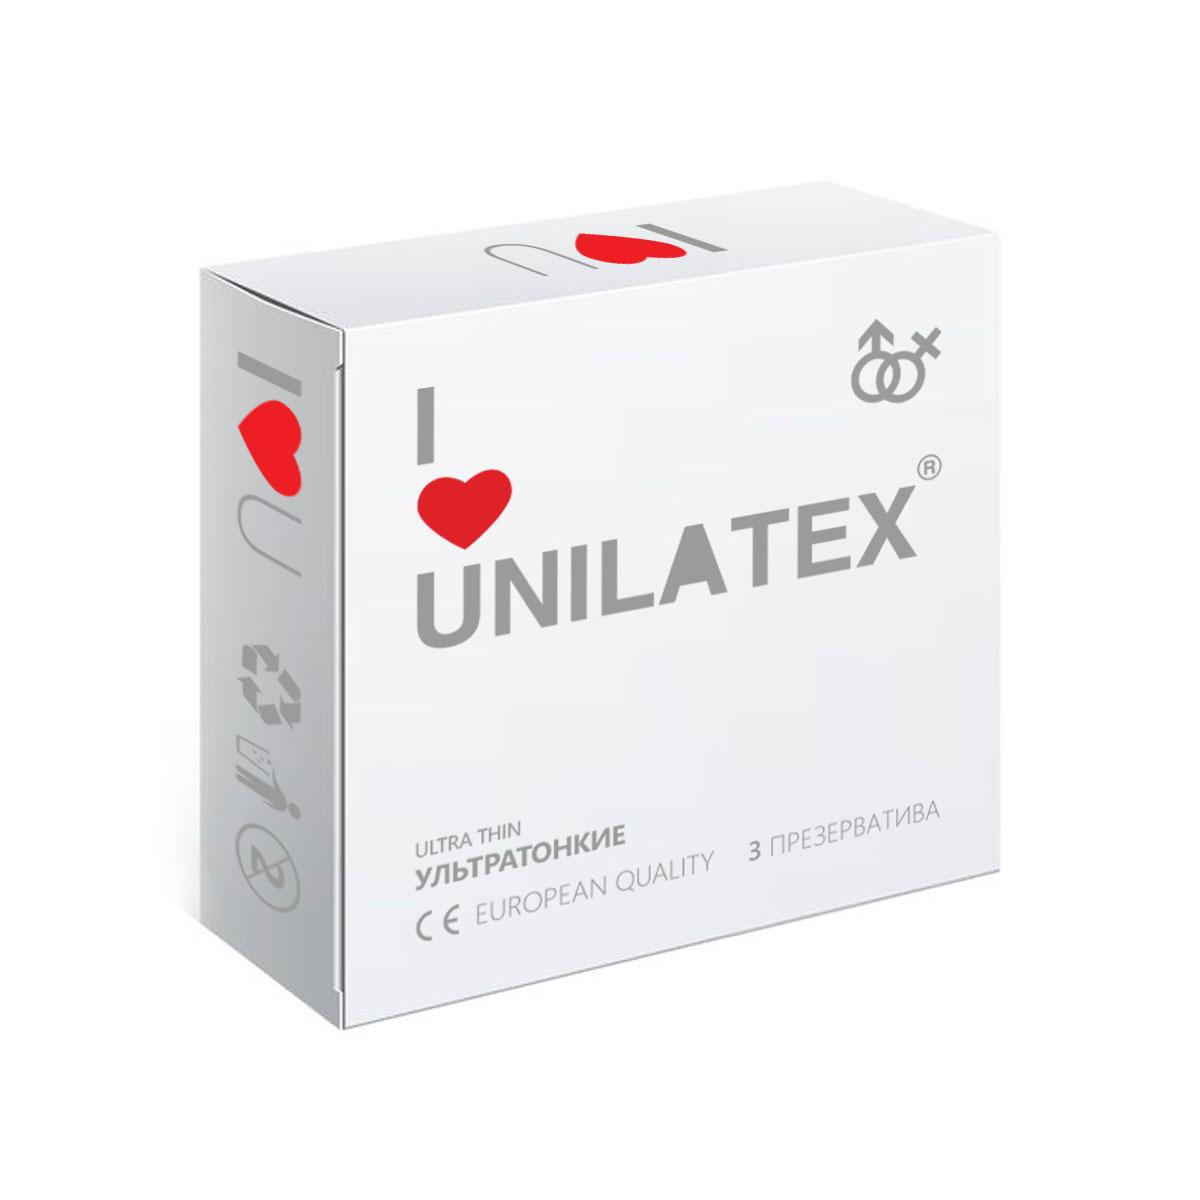 Презервативы Unilatex UltraThin, 3 штWS 7064Ультратонкие презервативы из натурального латекса телесного цвета, гладкой поверхностью, покрыты силиконовой смазкой с нейтральным ароматом.